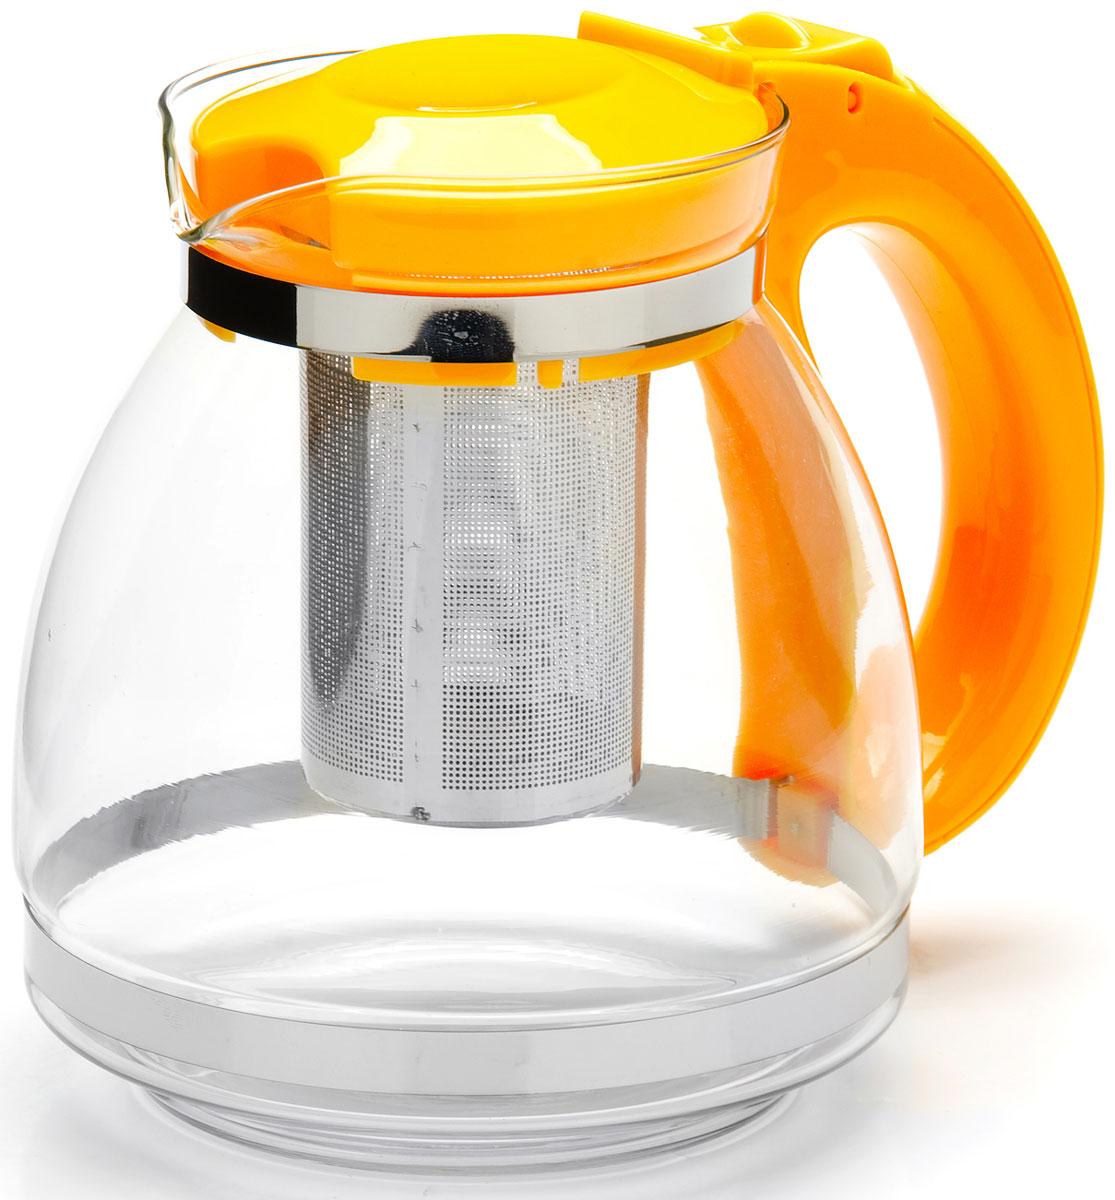 Чайник заварочный Mayer & Boch, с фильтром, цвет: желтый, 1,5 л. 26170-226170-2Заварочный чайник Mayer & Boch изготовлен из термостойкого боросиликатного стекла, фильтр выполнен из нержавеющей стали. Изделия из стекла не впитывают запахи, благодаря чему вы всегда получите натуральный, насыщенный вкус и аромат напитков. Заварочный чайник из стекла удобно использовать для повседневного заваривания чая практически любого сорта. Но цветочные, фруктовые, красные и желтые сорта чая лучше других раскрывают свой вкус и аромат при заваривании именно в стеклянных чайниках, а также сохраняют все полезные ферменты и витамины, содержащиеся в чайных листах. Стальной фильтр гарантирует прозрачность и чистоту напитка от чайных листьев, при этом сохранив букет и насыщенность чая.Прозрачные стенки чайника дают возможность насладиться насыщенным цветом заваренного чая. Изящный заварочный чайник Mayer & Boch будет прекрасно смотреться в любом интерьере. Подходит для мытья в посудомоечной машине.